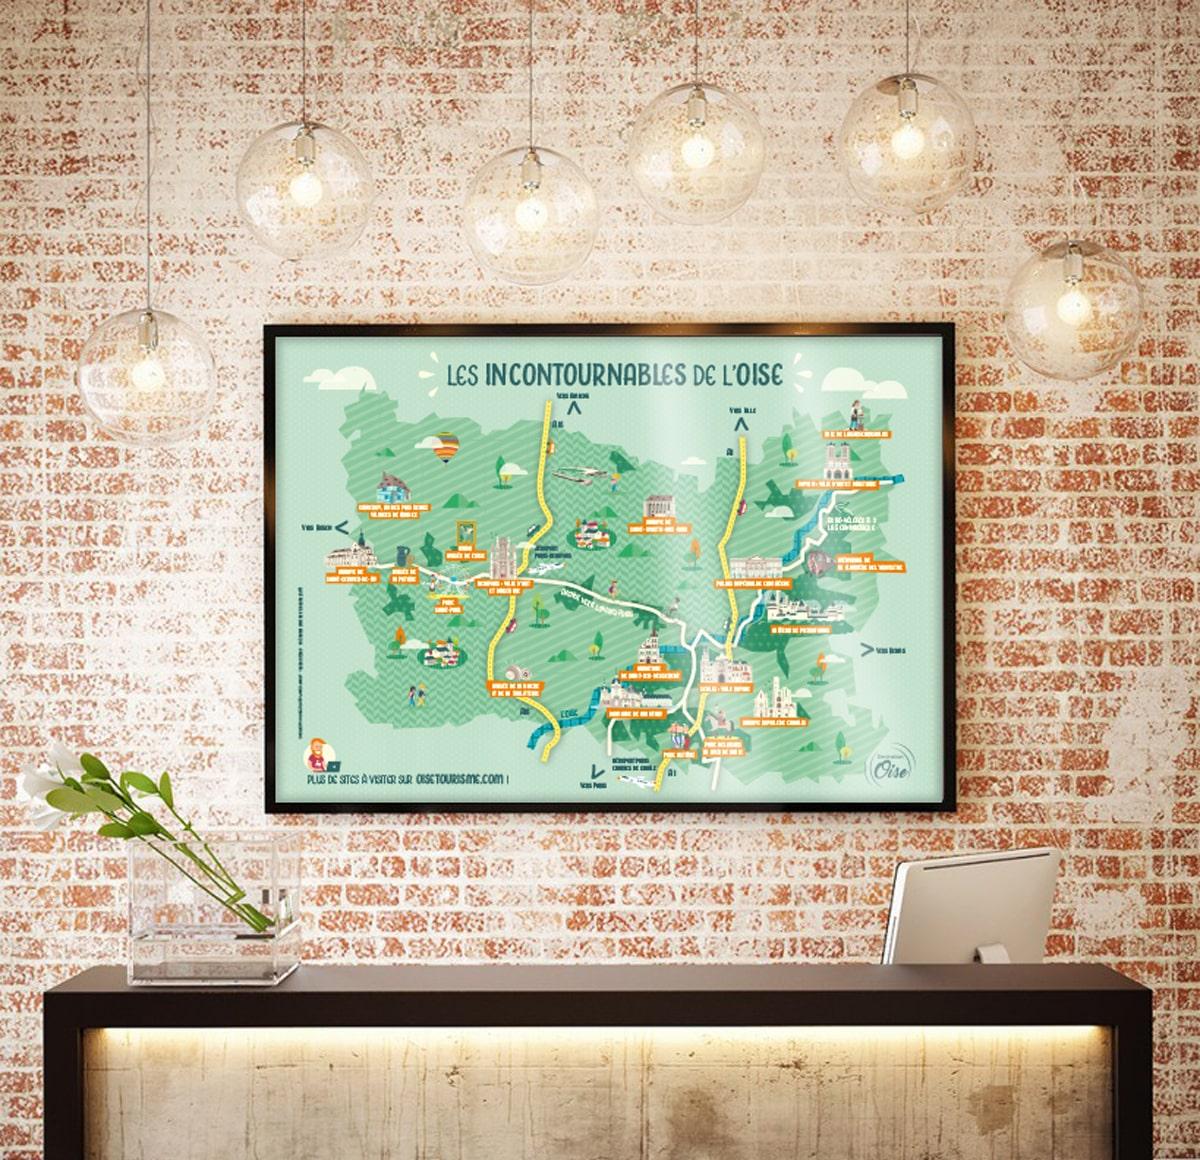 illustration, carte touristique, communication, design graphique, okowoko, tourisme, oise